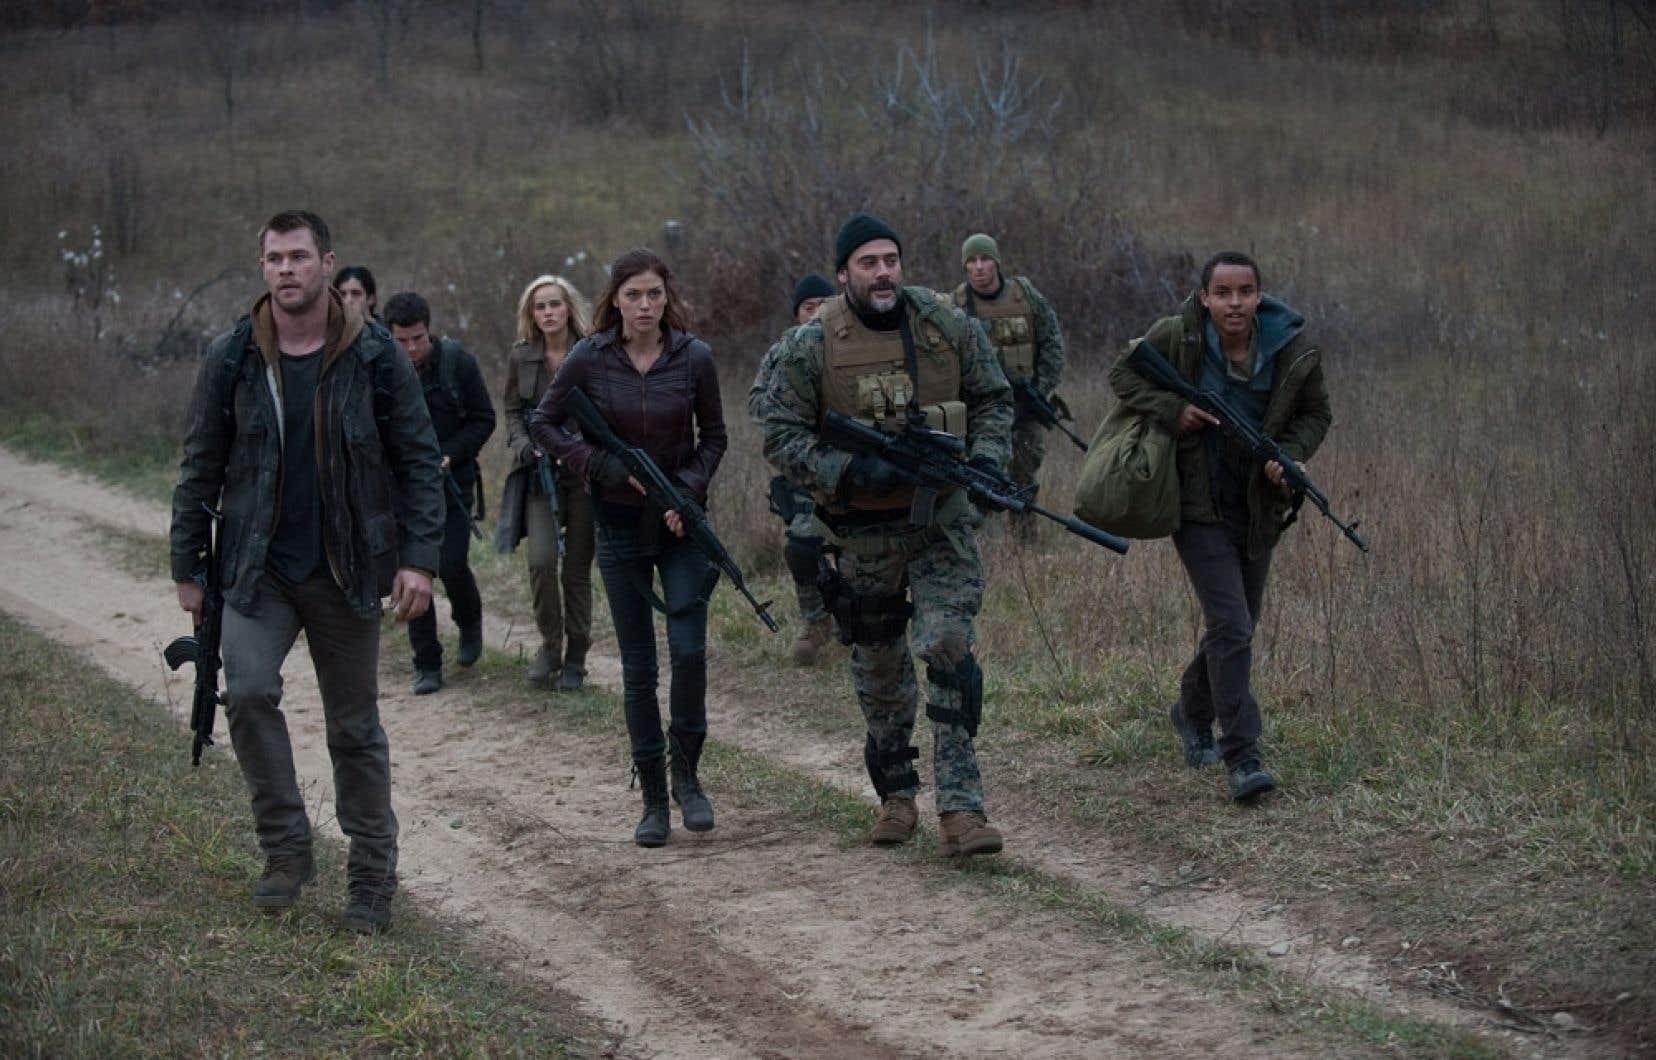 Un remake d'un film culte de 1984 relatant une invasion étatsunienne par l'armée soviétique, Red Dawn, version 2012, opte pour une improbable variante nord-coréenne.